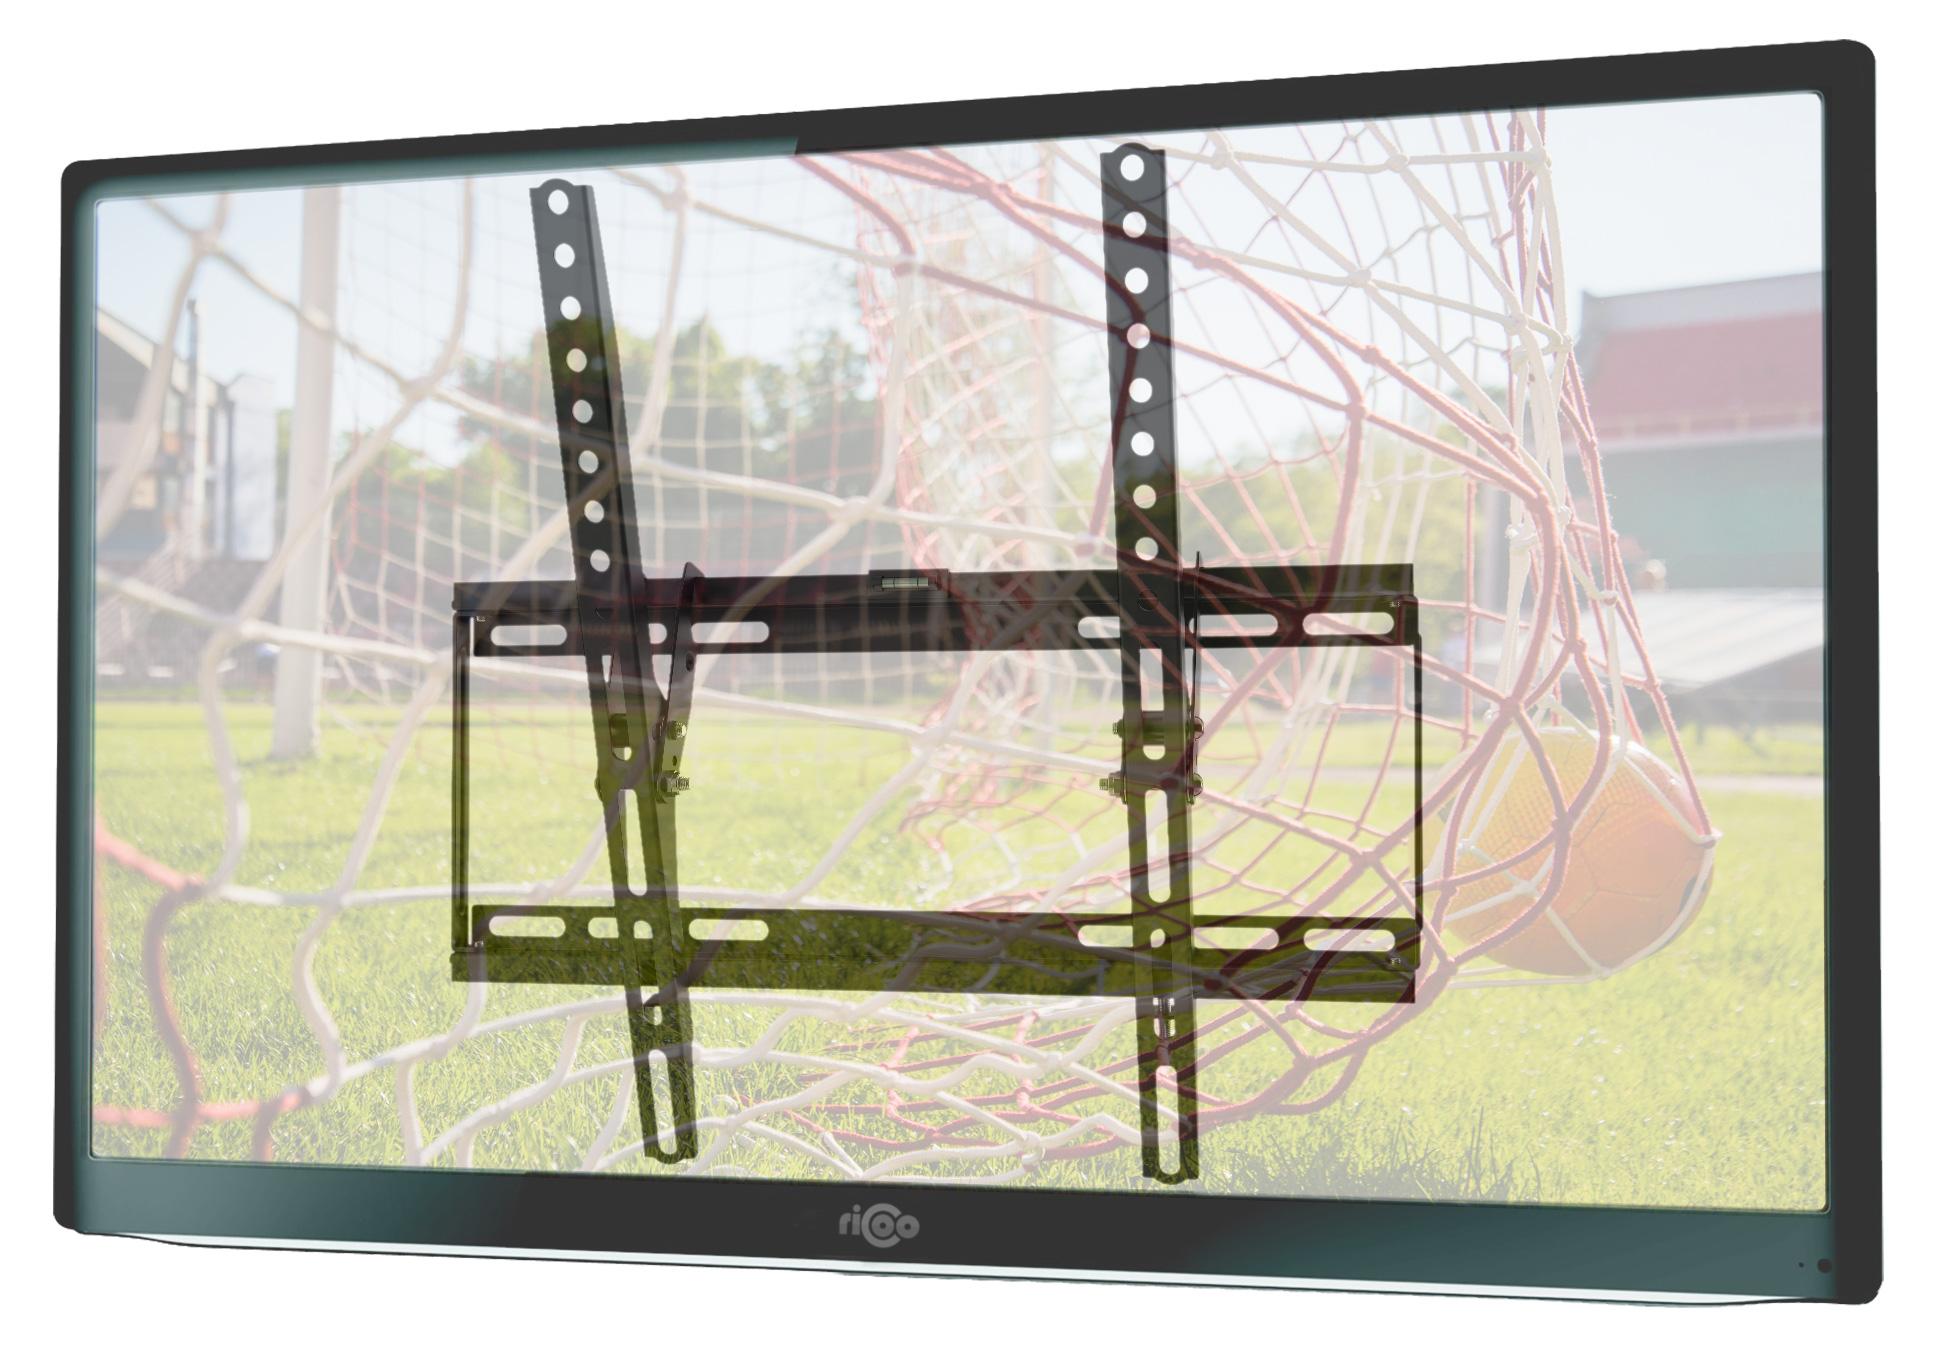 Stabile Wandhalterung für TV neigbar 40mm flach   N1944 10710